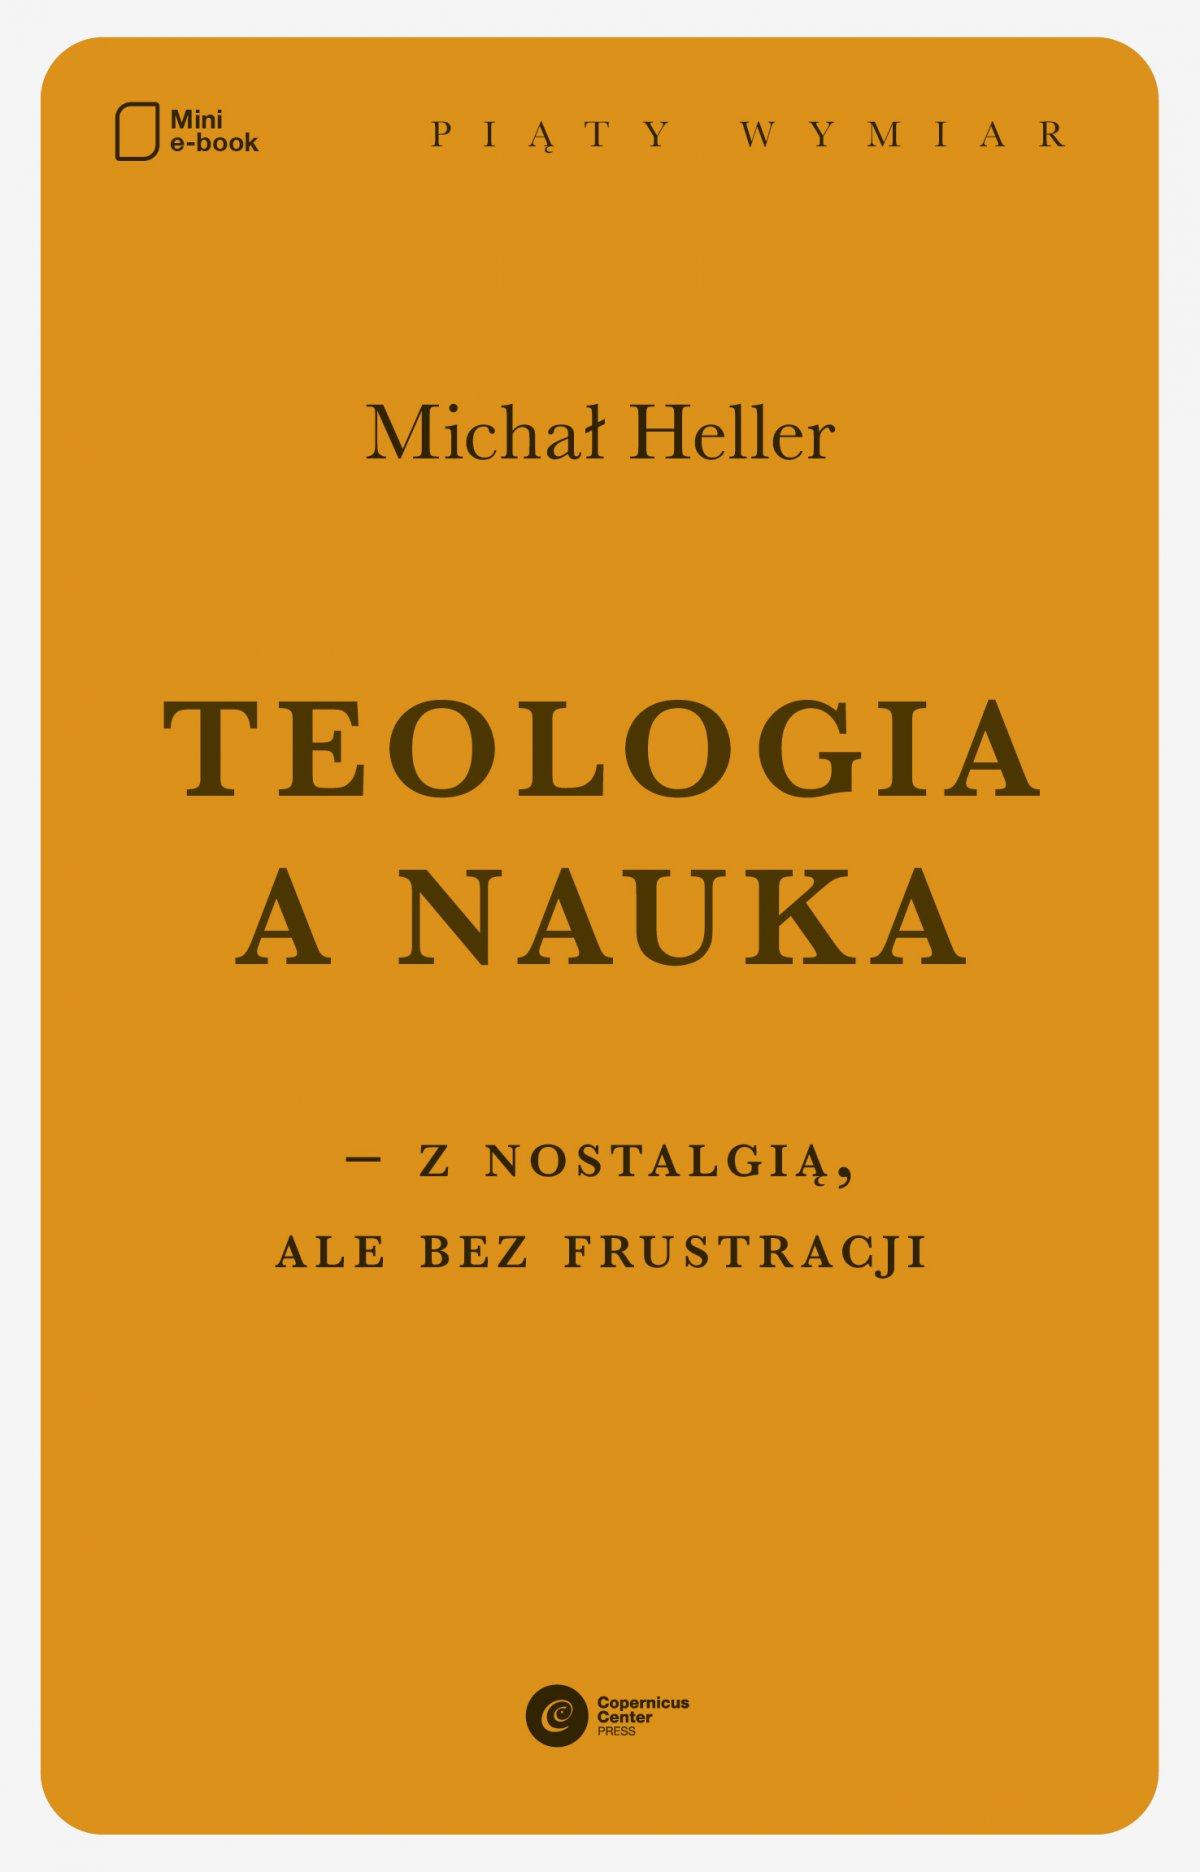 Teologia a nauka – z nostalgią ale bez frustracji - Ebook (Książka EPUB) do pobrania w formacie EPUB